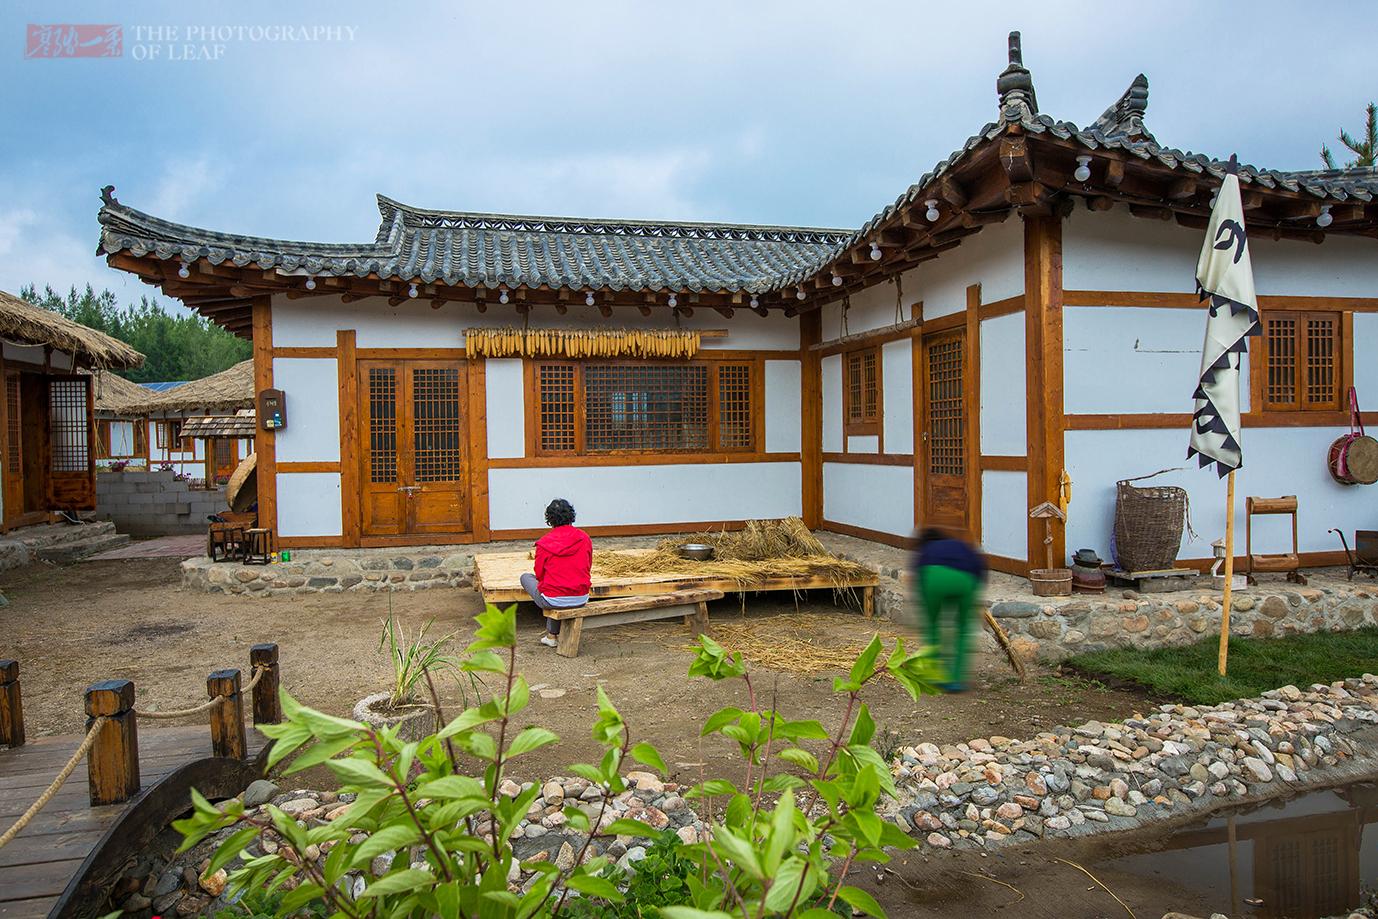 他们历经磨难来到中国一场洪水无家可归,新的家园让朝鲜人羡慕